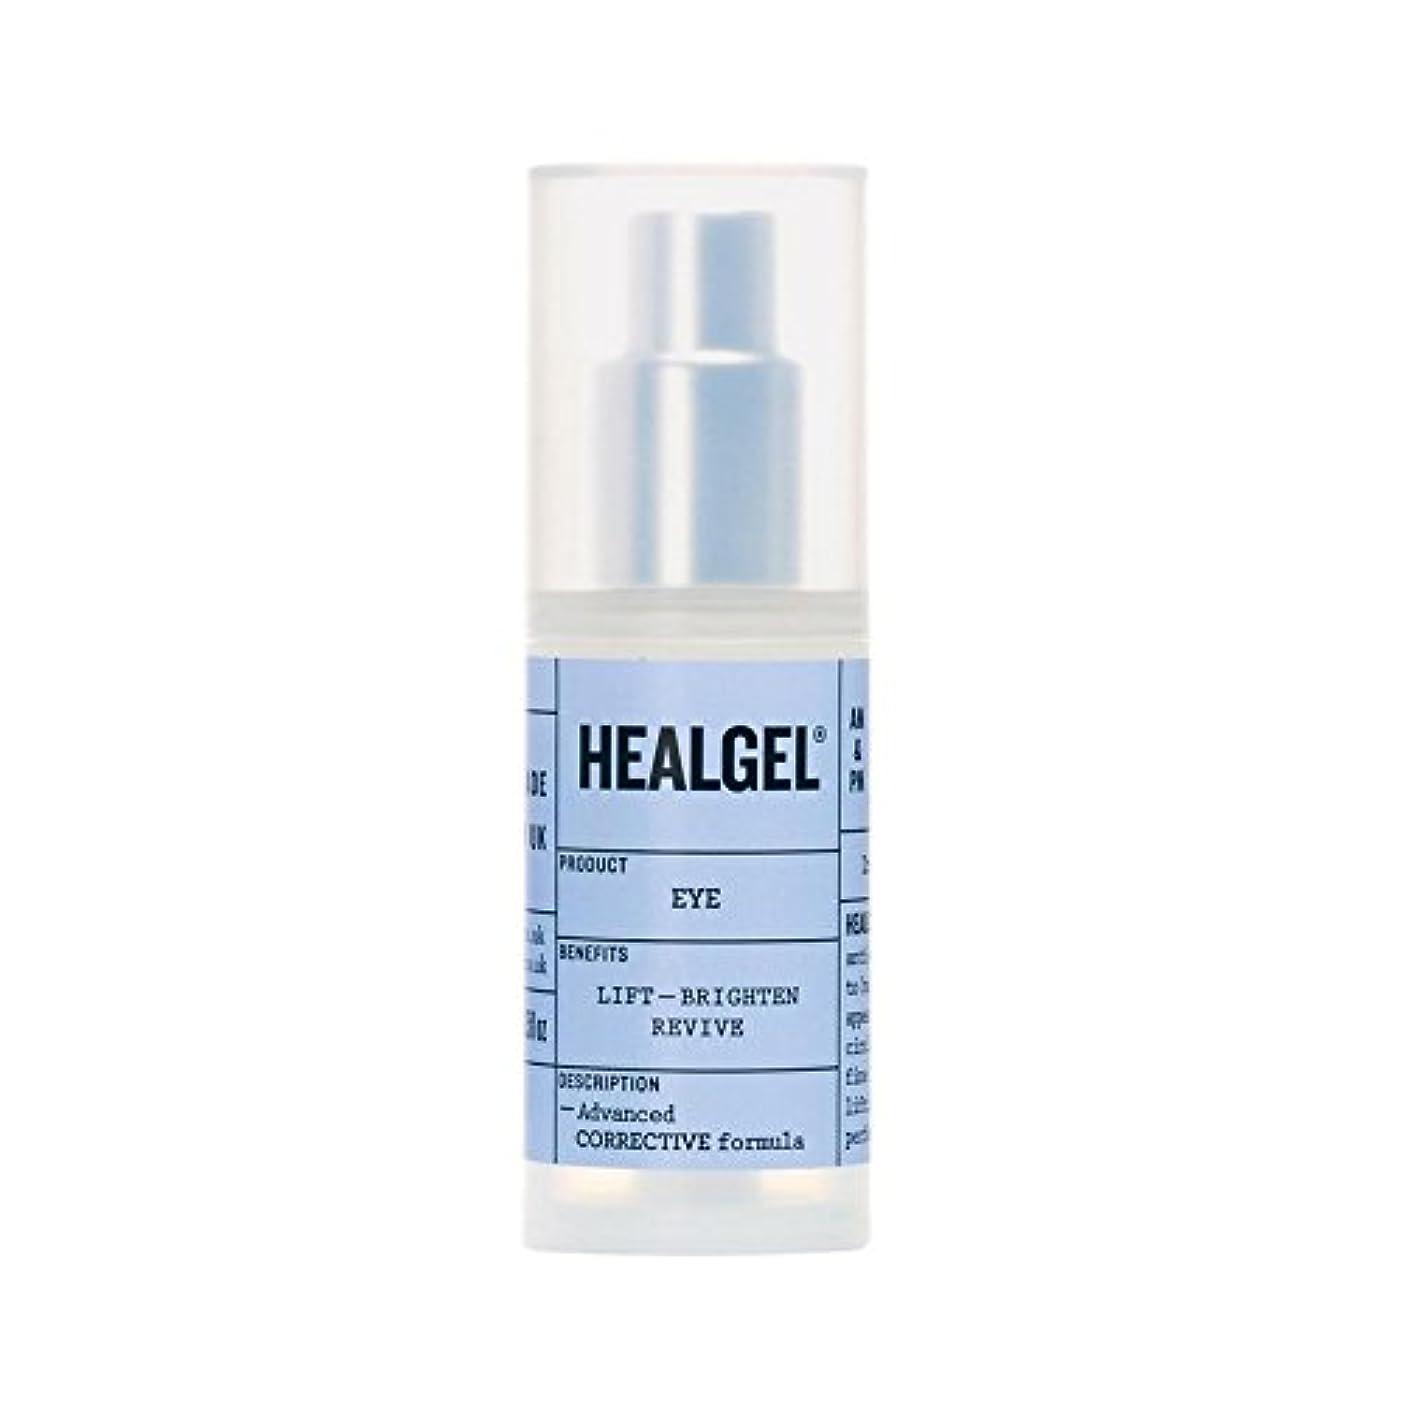 スリラー先尋ねるゲル白眼式15ミリリットルを癒します x2 - Heal Gel Brightening Eye Formula 15ml (Pack of 2) [並行輸入品]